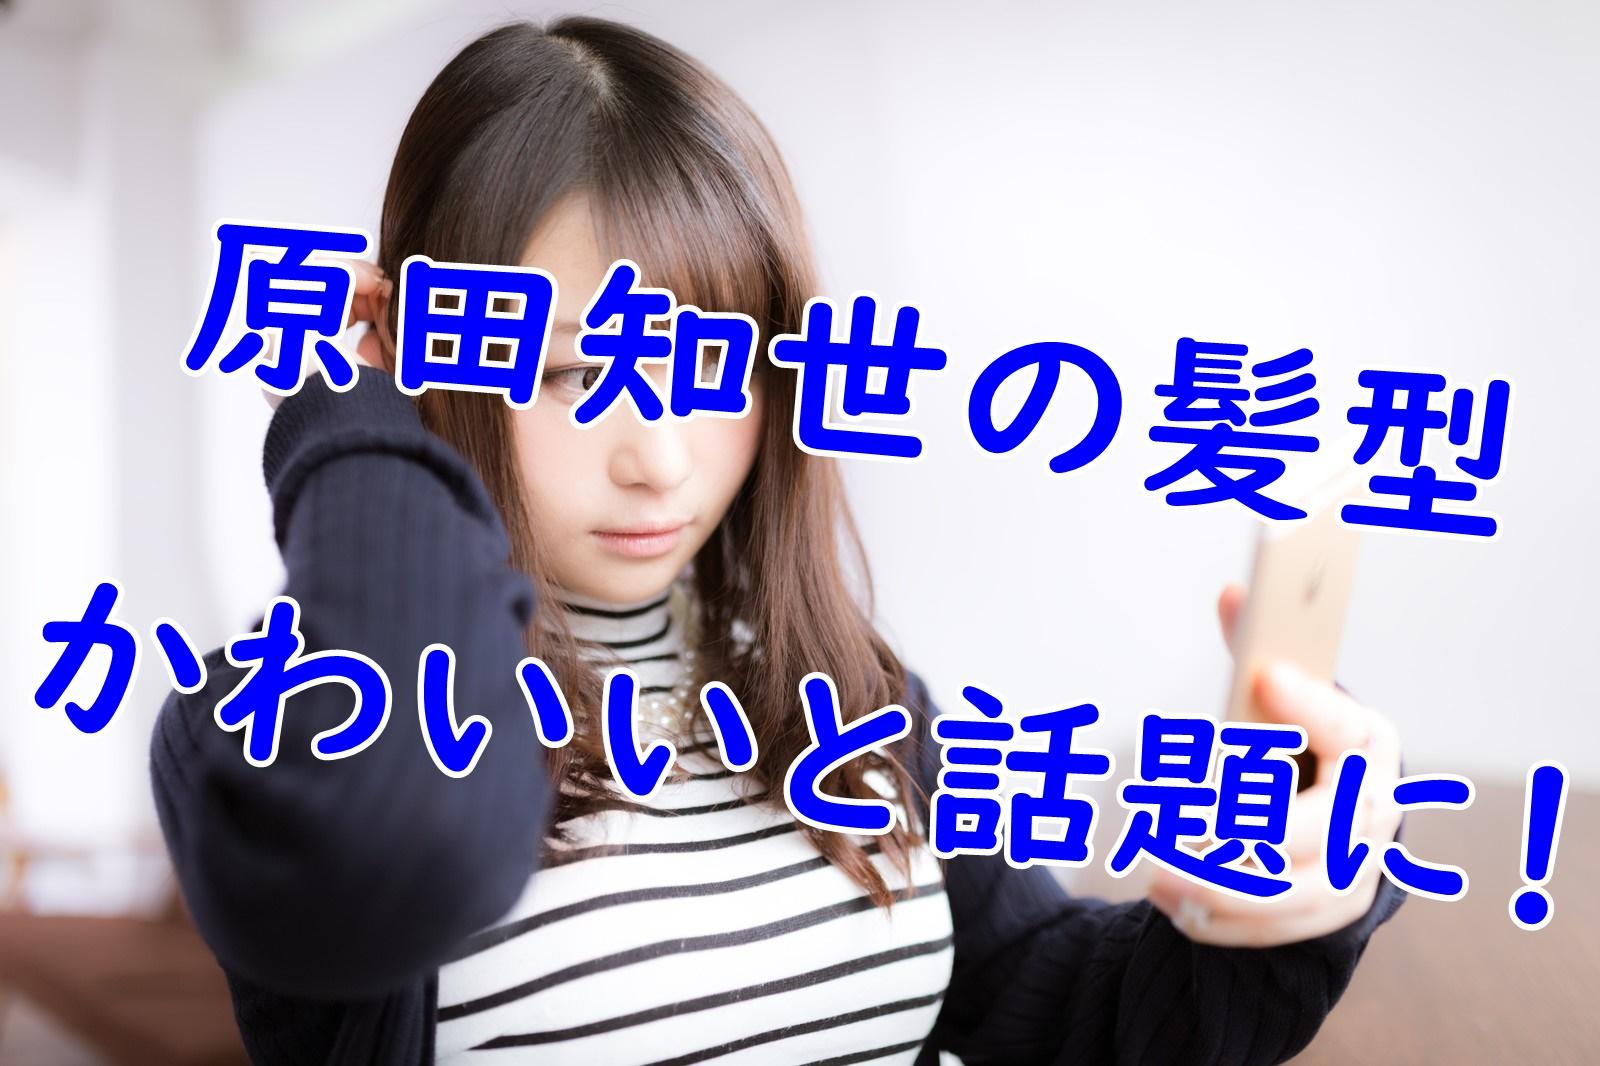 原田知世の最新の髪型がかわいいと話題に!!